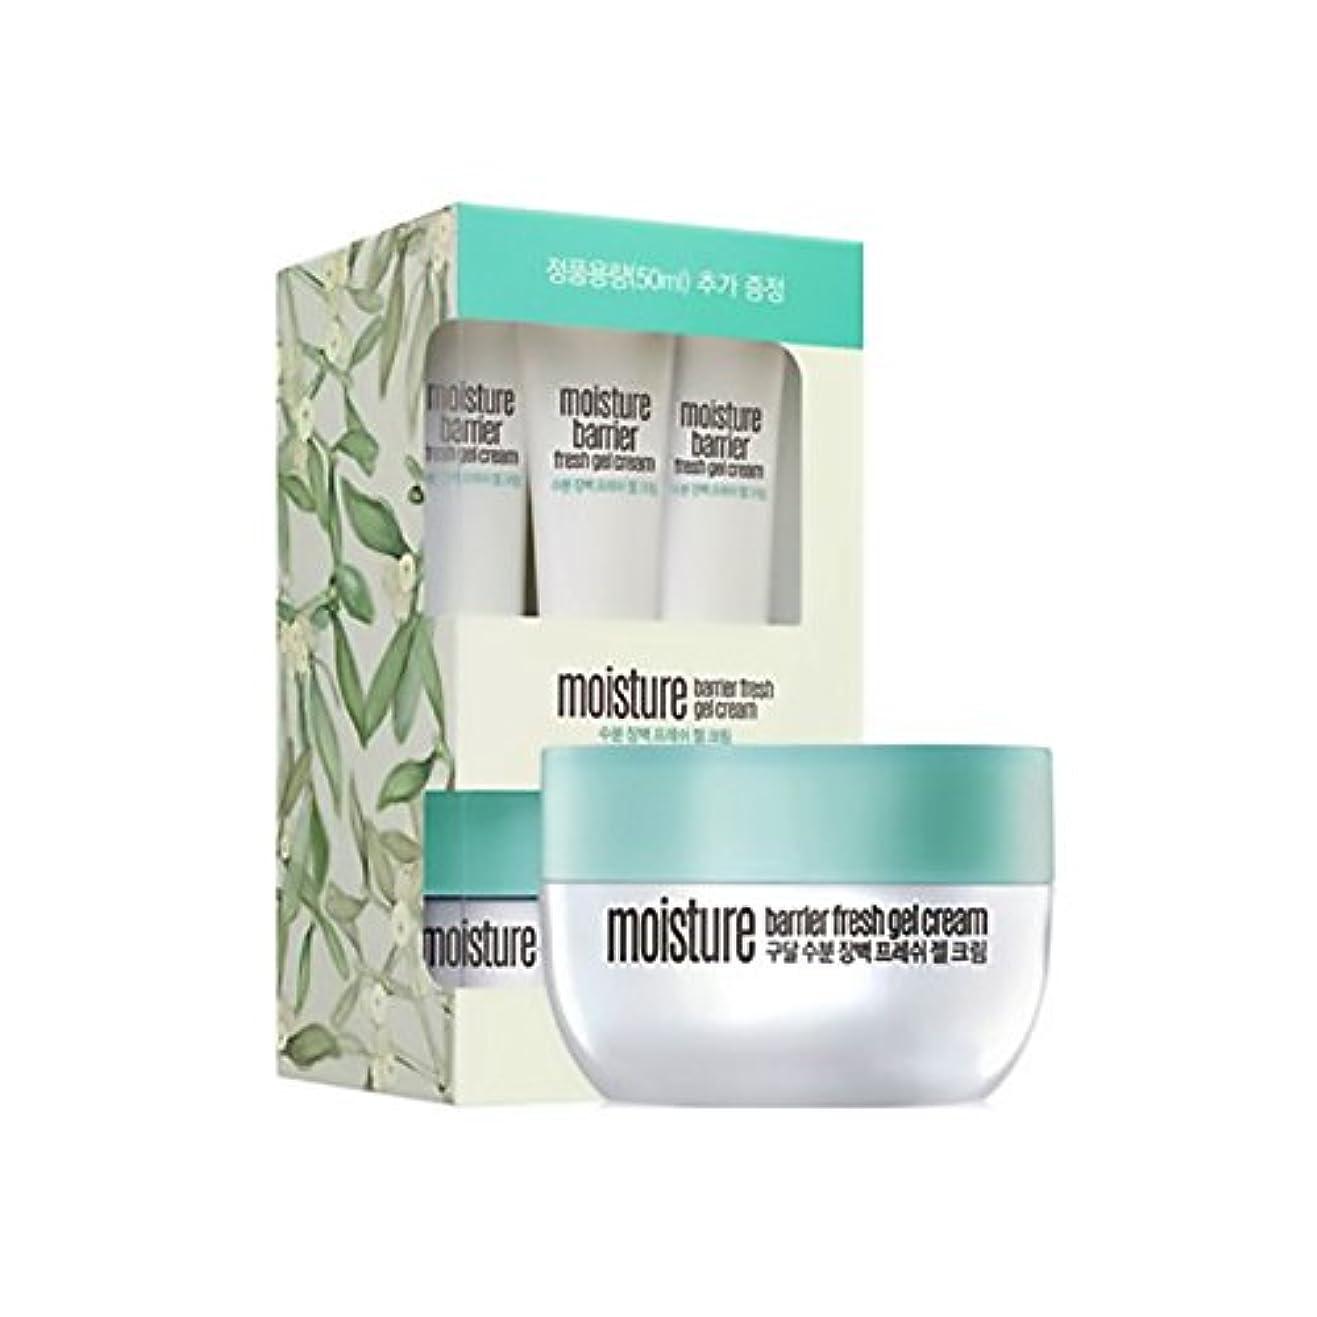 刺す病的ポルノgoodal moisture barrier fresh gel cream set